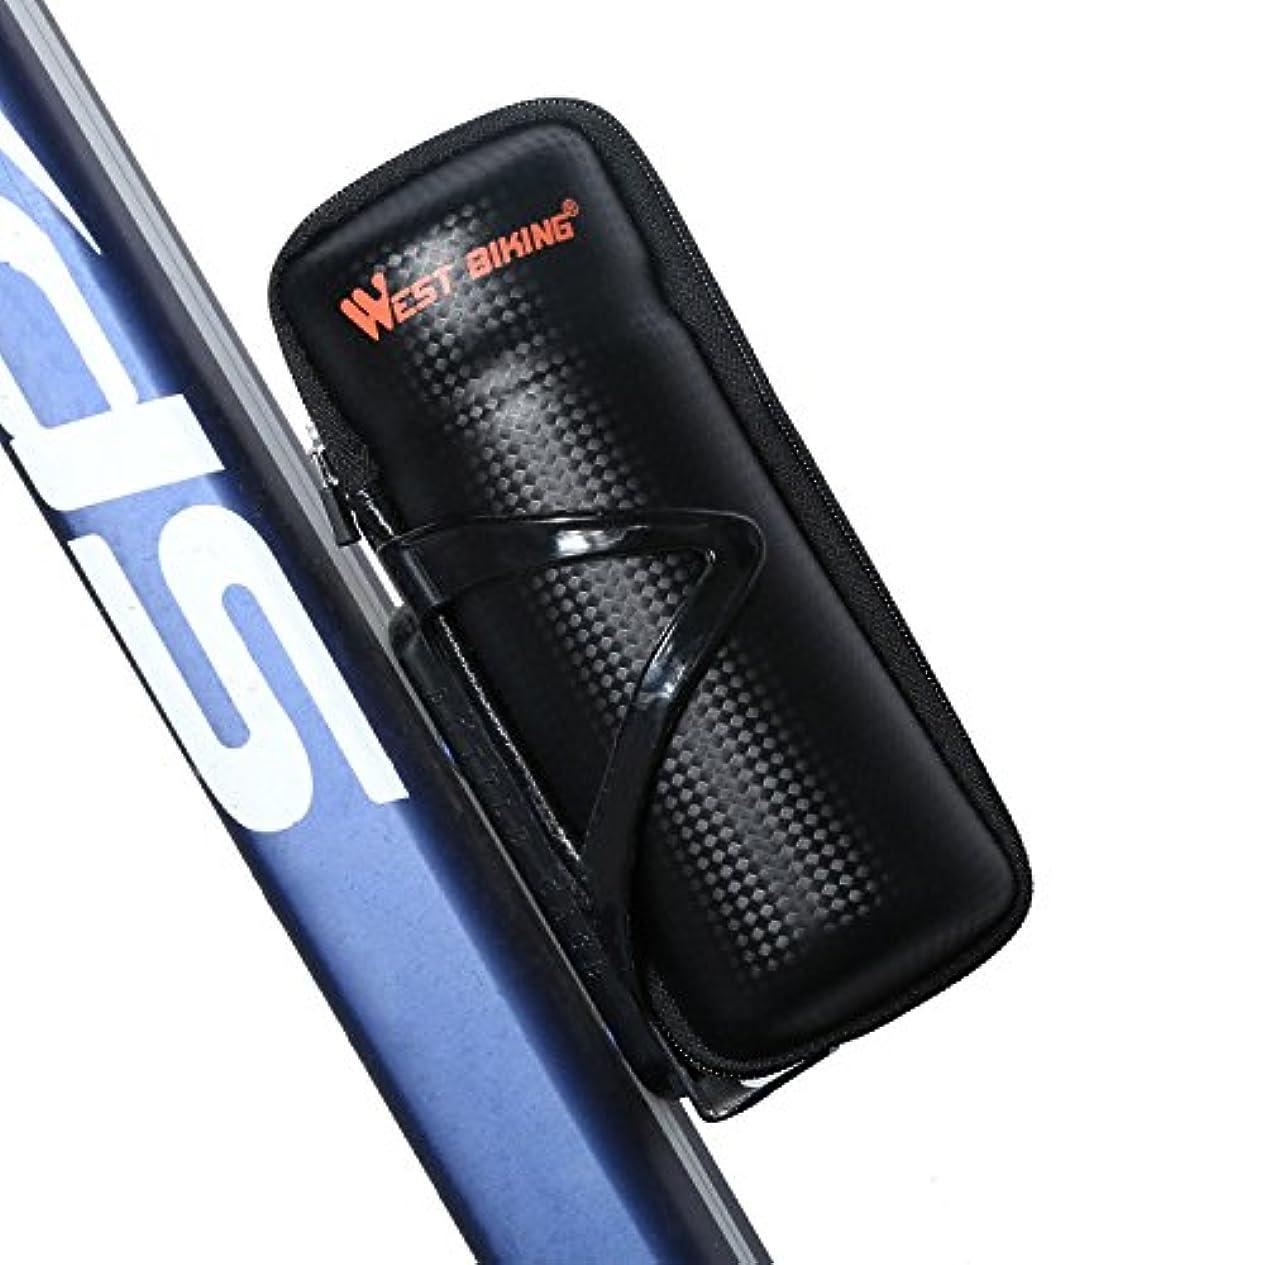 ラケットタンク建設West Biking ウォーターボトルケージ用ジッパーケース道具バッグ ブラック